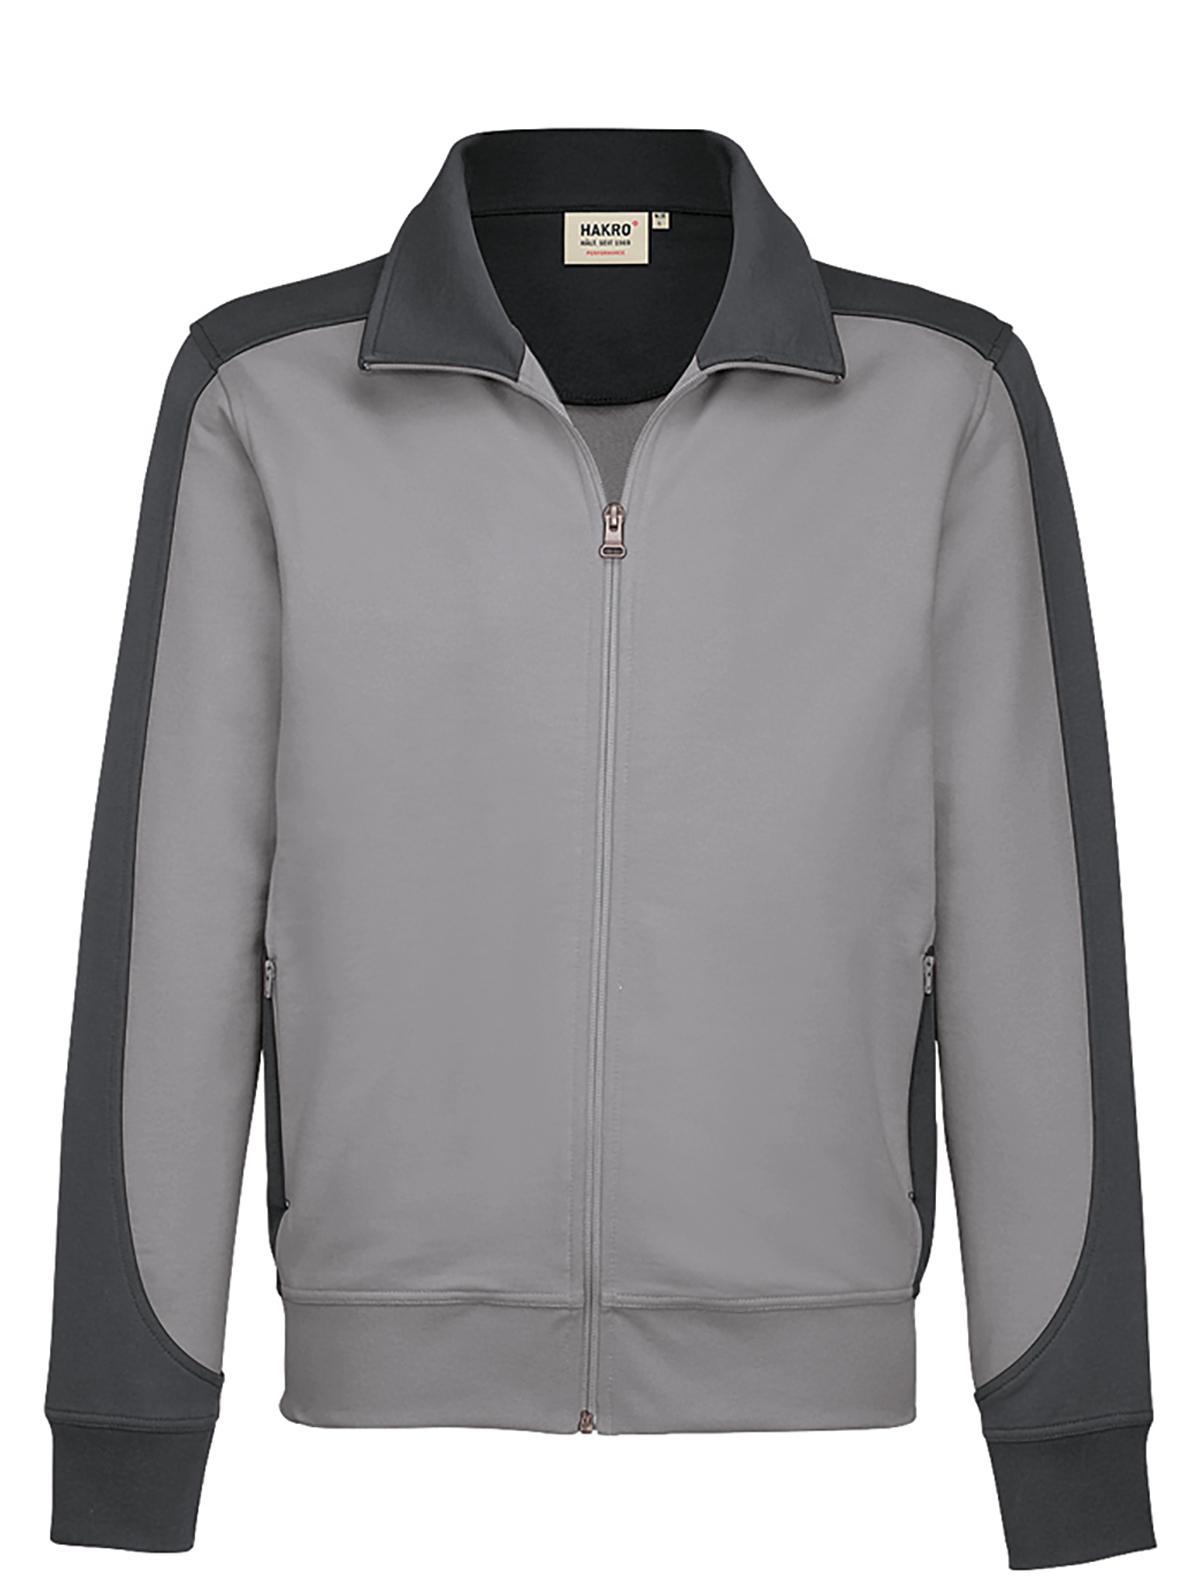 Sweatshirt-Jacke Contrast